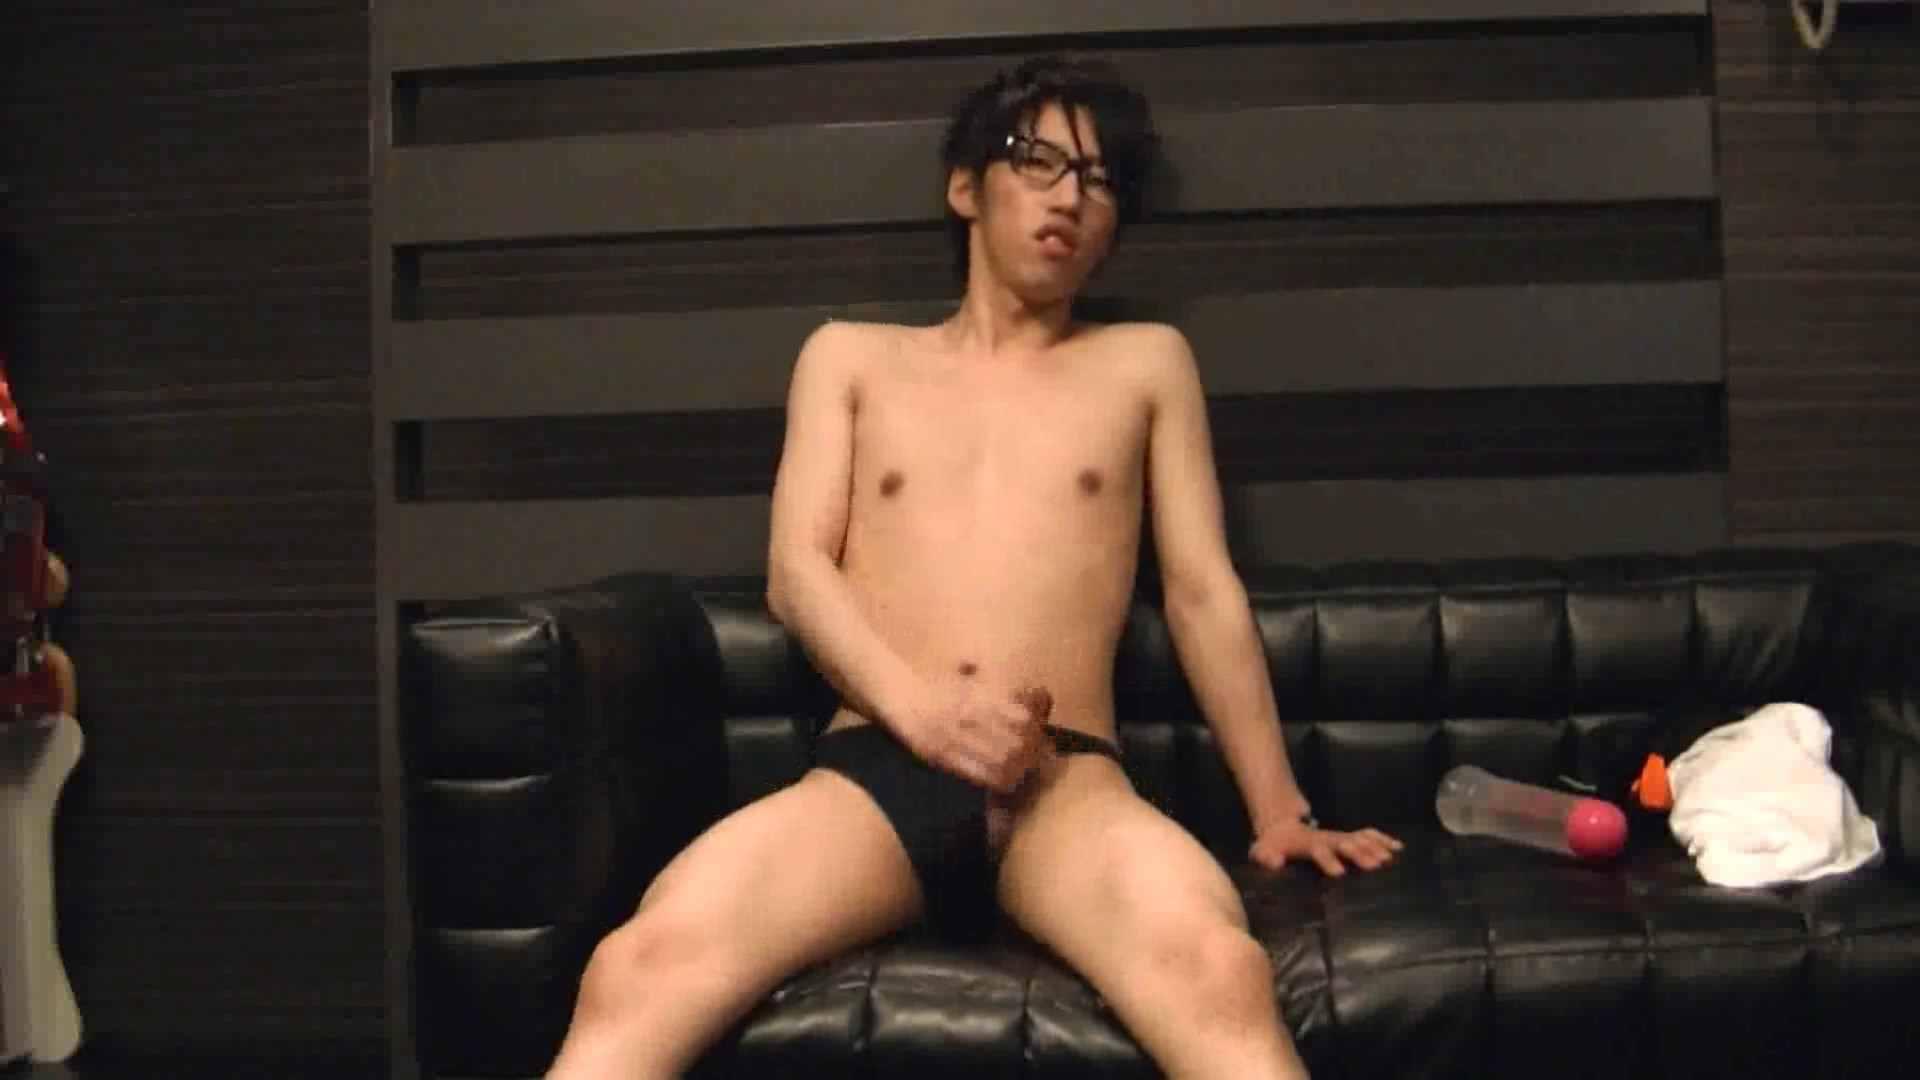 ONA見せカーニバル!! Vol3 男まつり | オナニー ゲイ無料無修正画像 87枚 56